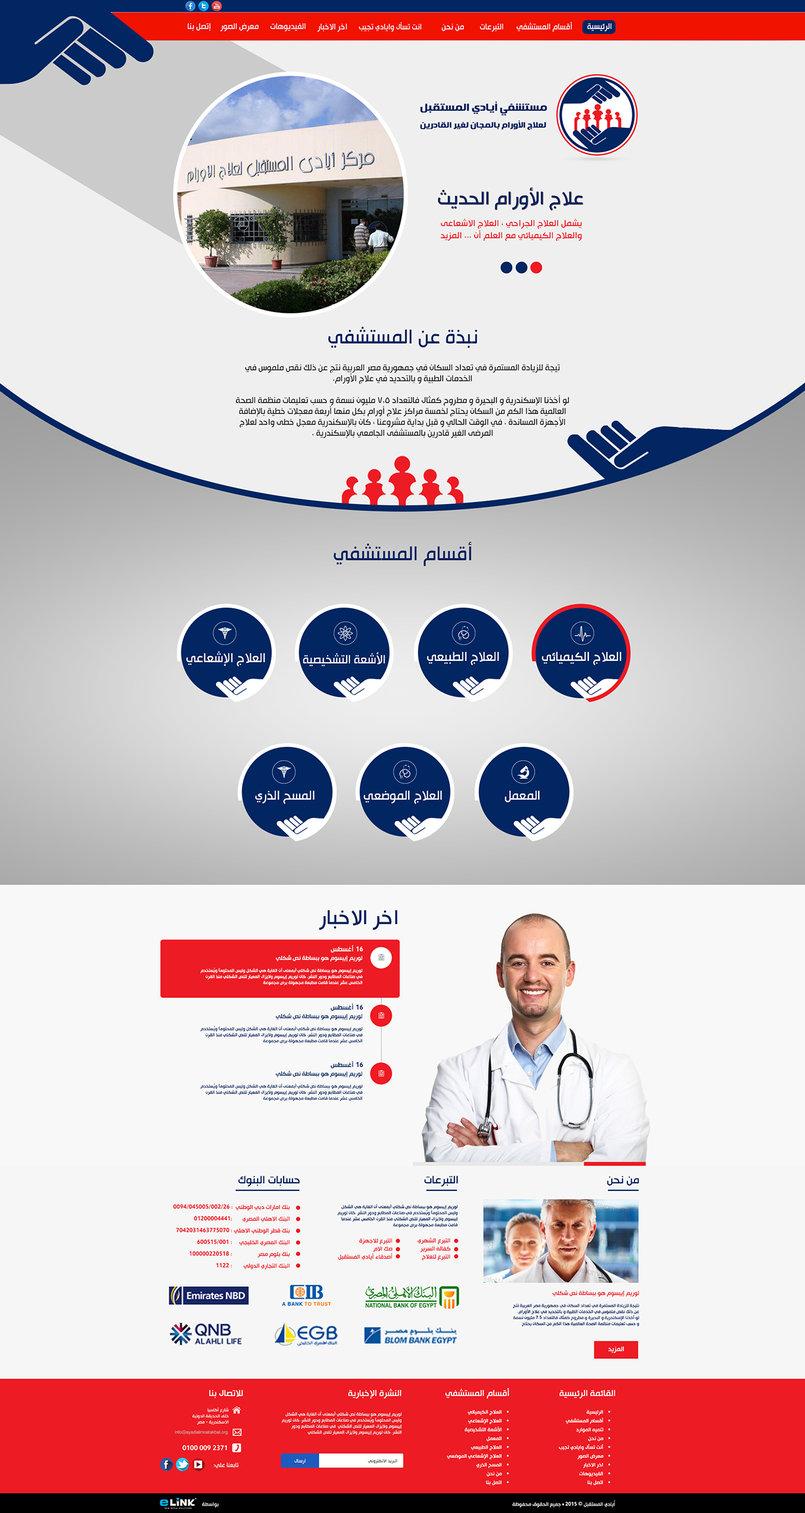 http://ayadialmostakbal.org/ (اّيادي المستقبل لعلاج السرطان بالمجان)